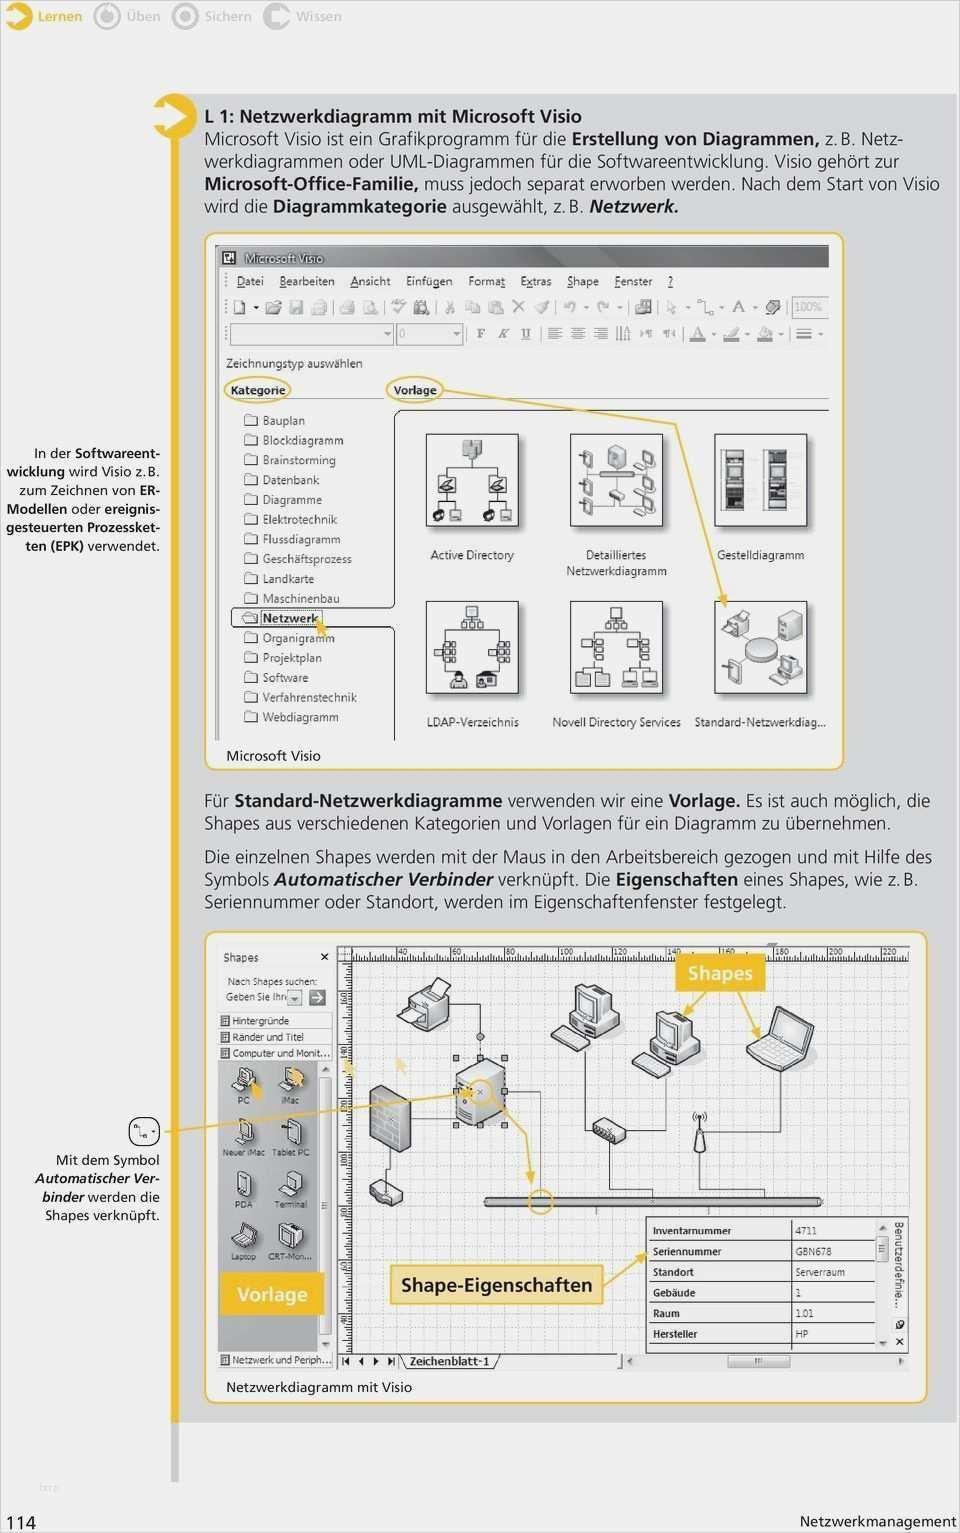 40 Cool Visio Netzwerk Vorlage Bilder Briefkopf Vorlage Vorlagen Rechnungsvorlage